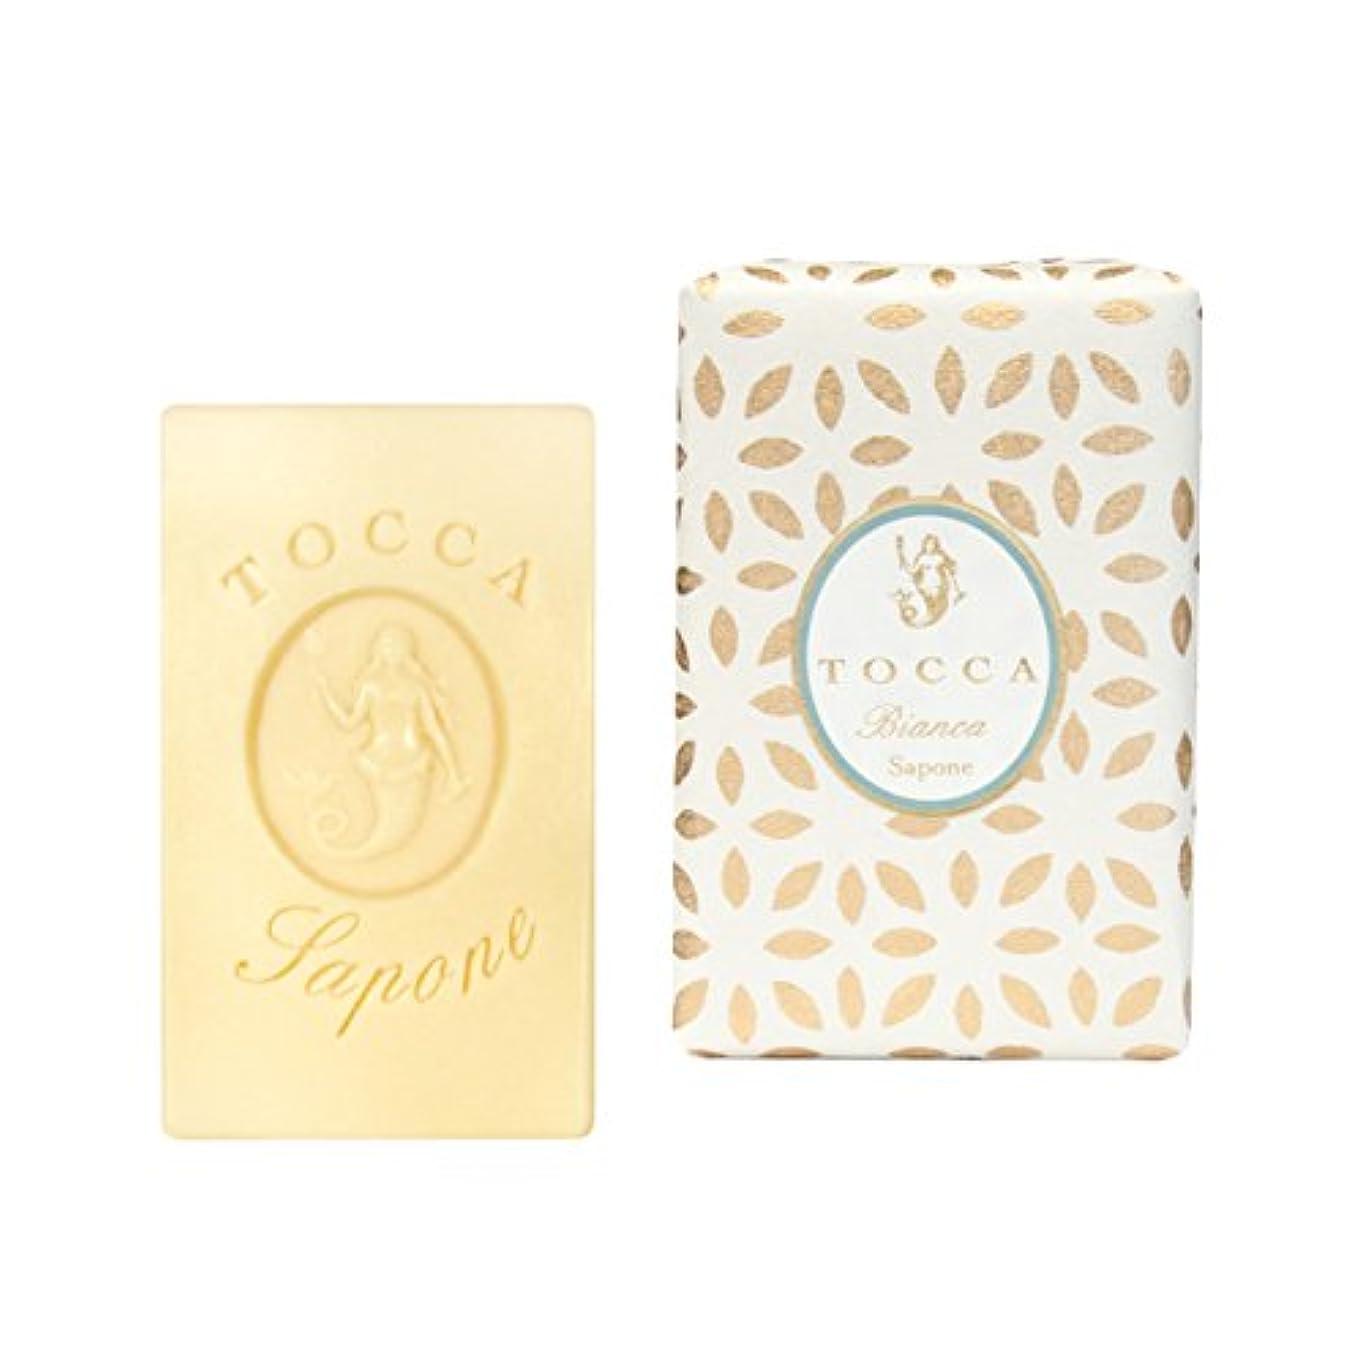 汚染メダリストジェームズダイソントッカ(TOCCA) ソープバー ビアンカの香り 113g(化粧石けん シトラスとグリーンティー、ローズが絶妙に溶け合ったほのかに甘さ漂うフレッシュな香り)